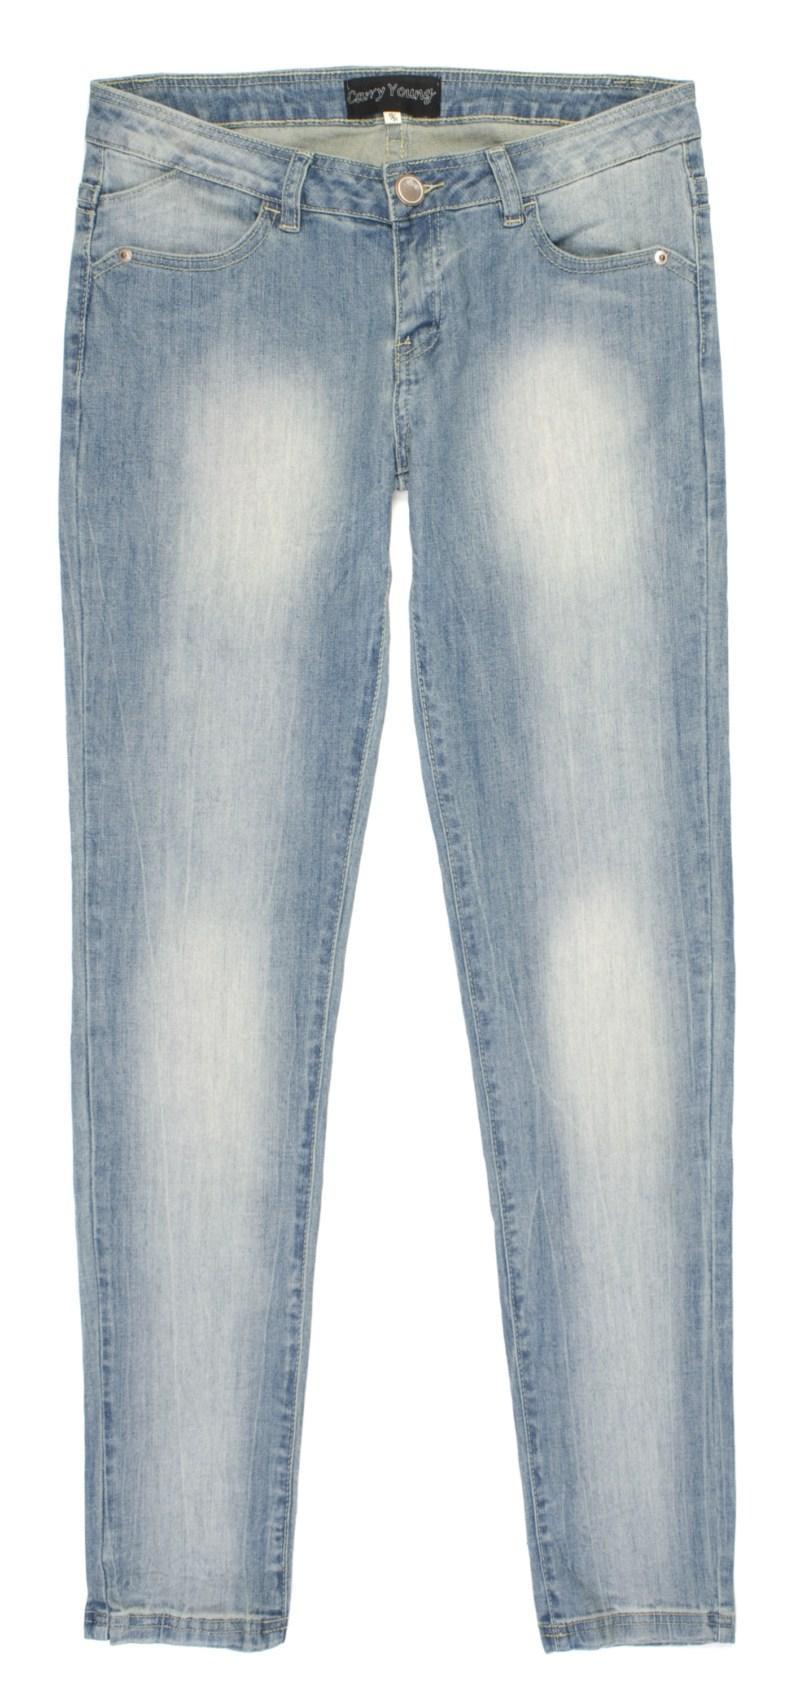 błękitne spodnie Carry dżinsowe - moda 2011